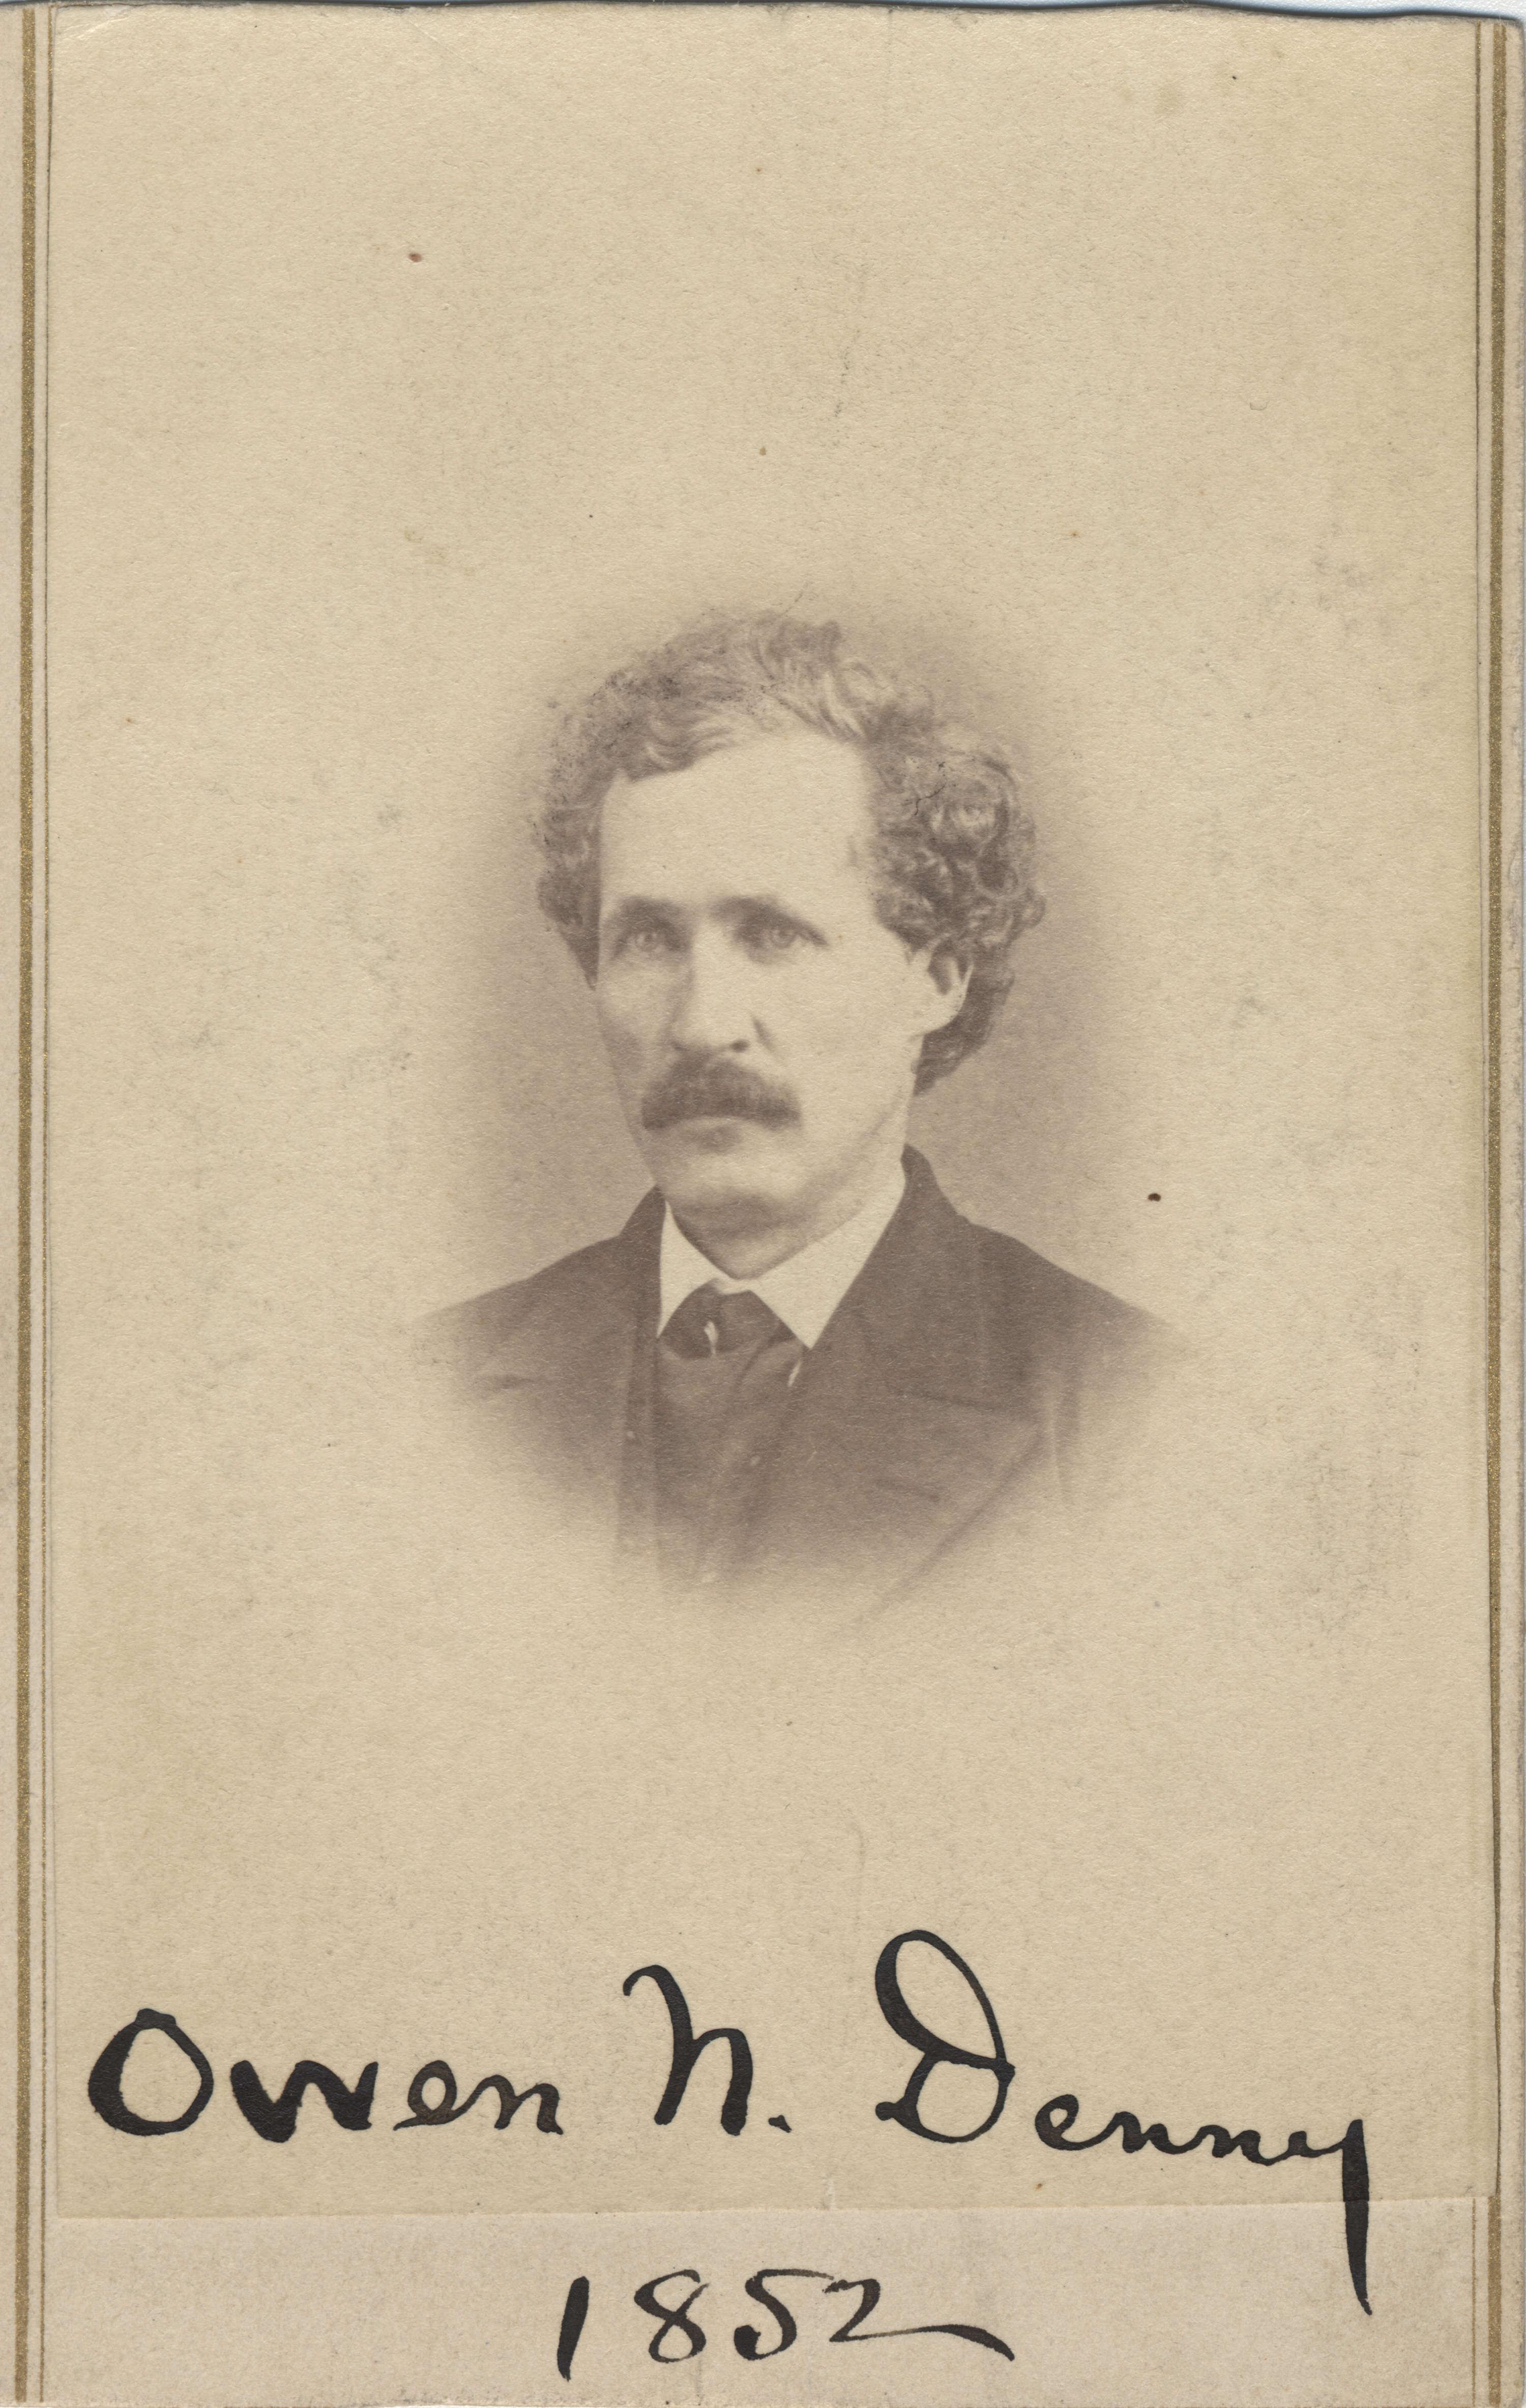 Denny Owen N